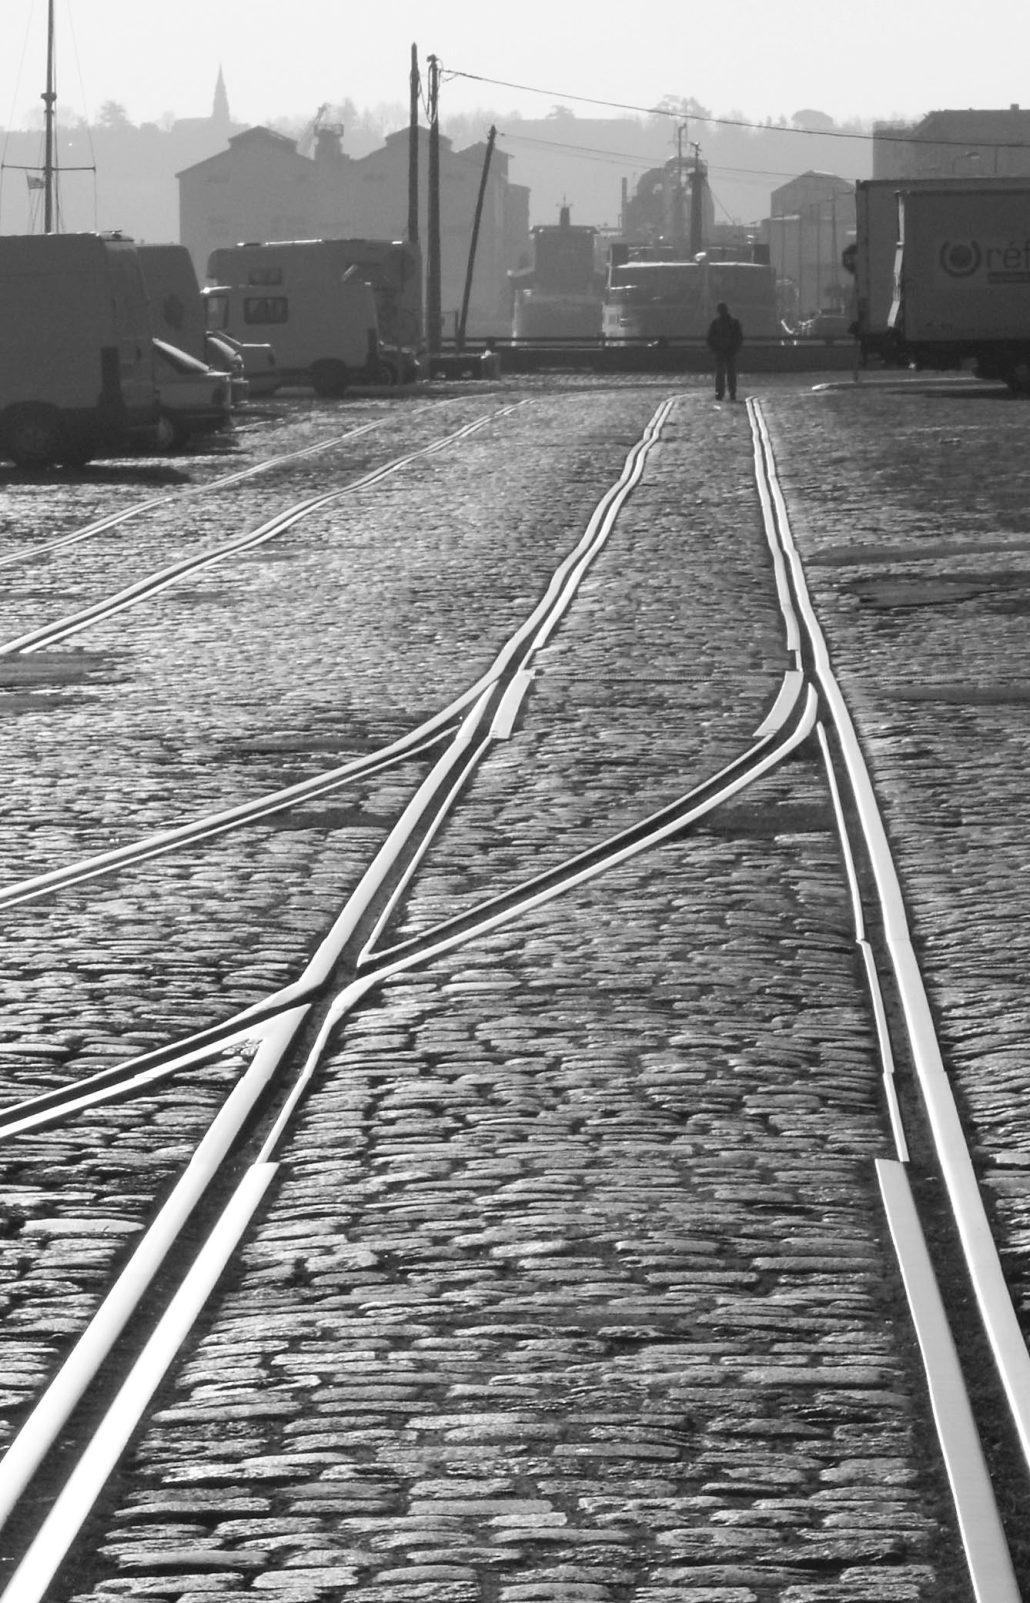 le quai des rails